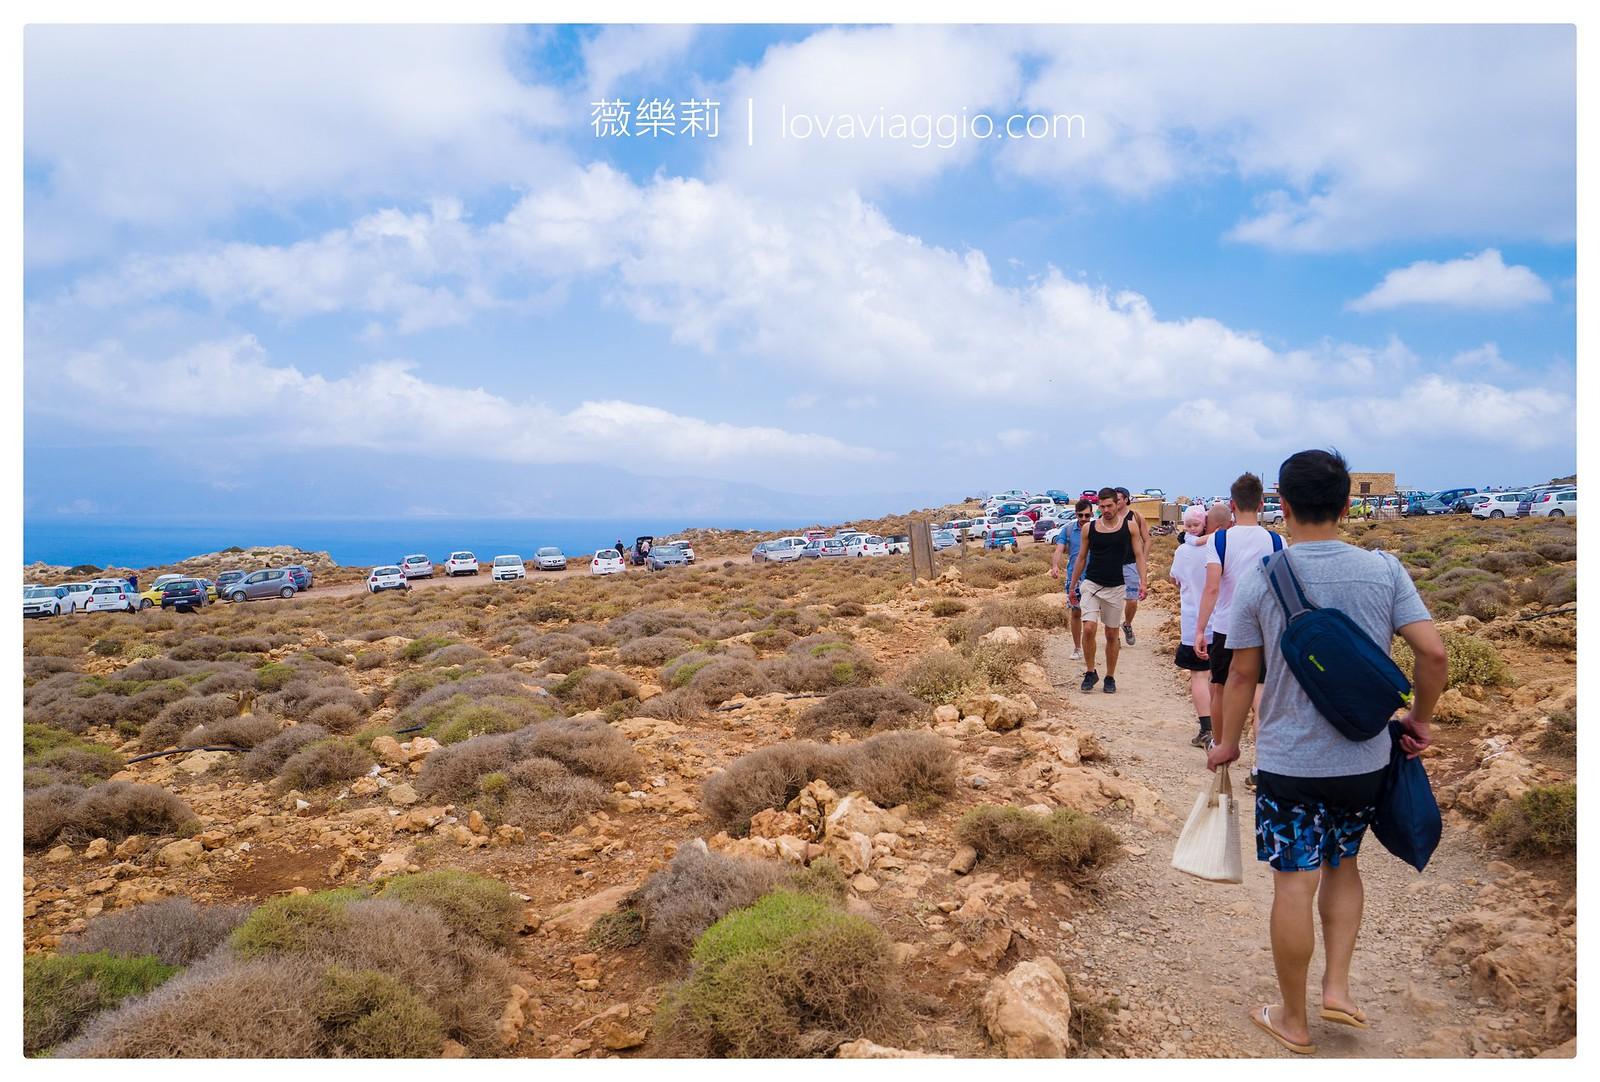 【希臘克里特島Crete】Balos Lagoon 地中海的藍色潟湖沙灘 @薇樂莉 Love Viaggio   旅行.生活.攝影